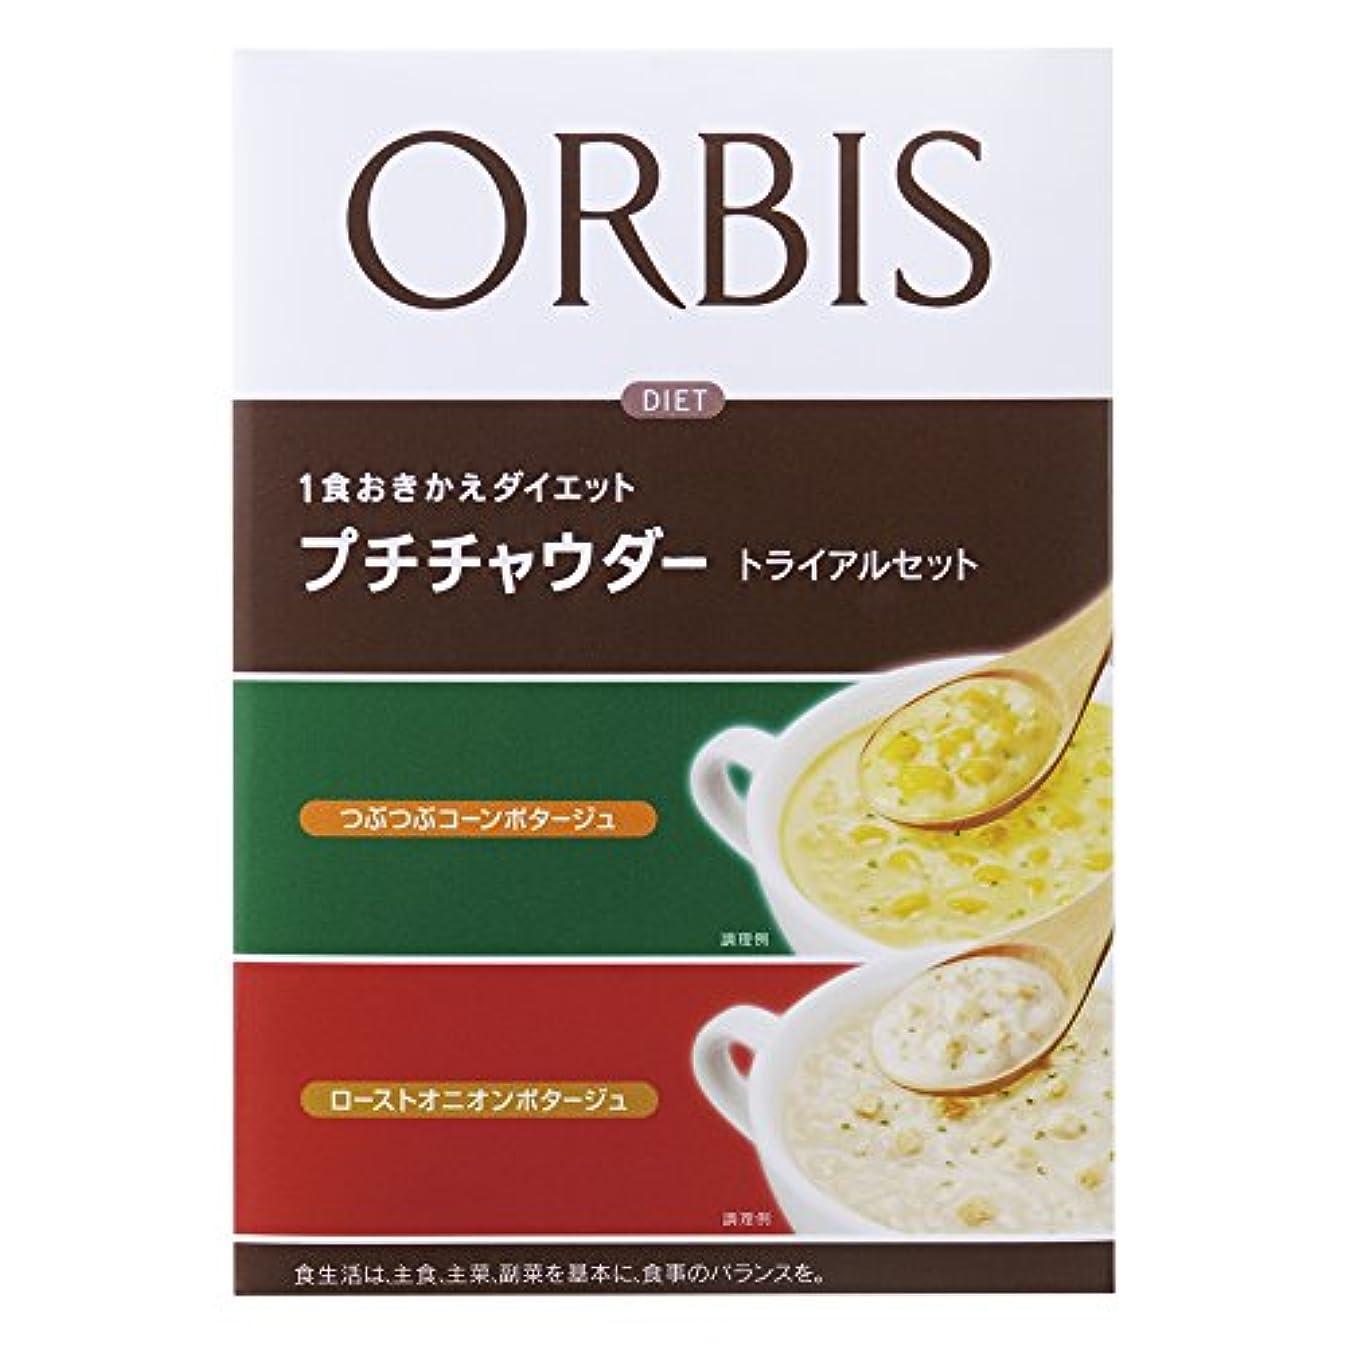 うん全能化学者オルビス(ORBIS) プチチャウダー トライアルセット 2食分(各味1食) ◎ダイエットスープ◎ 1食分約123kcal